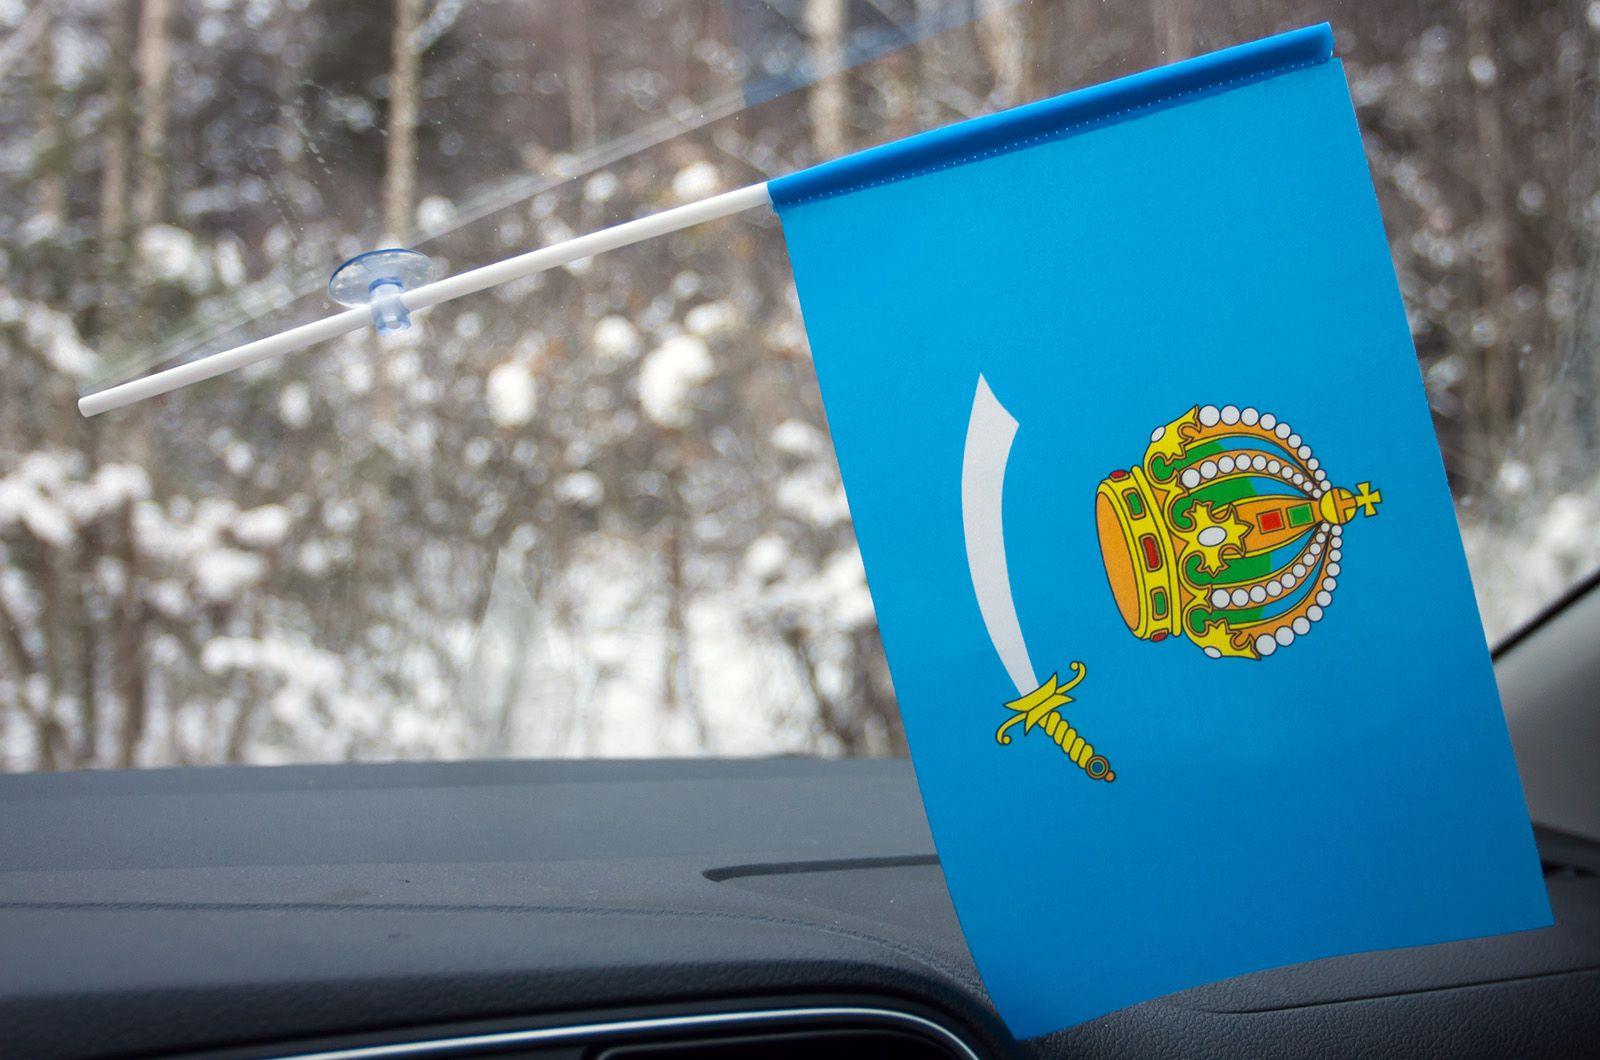 Флажок Астраханской области в машину